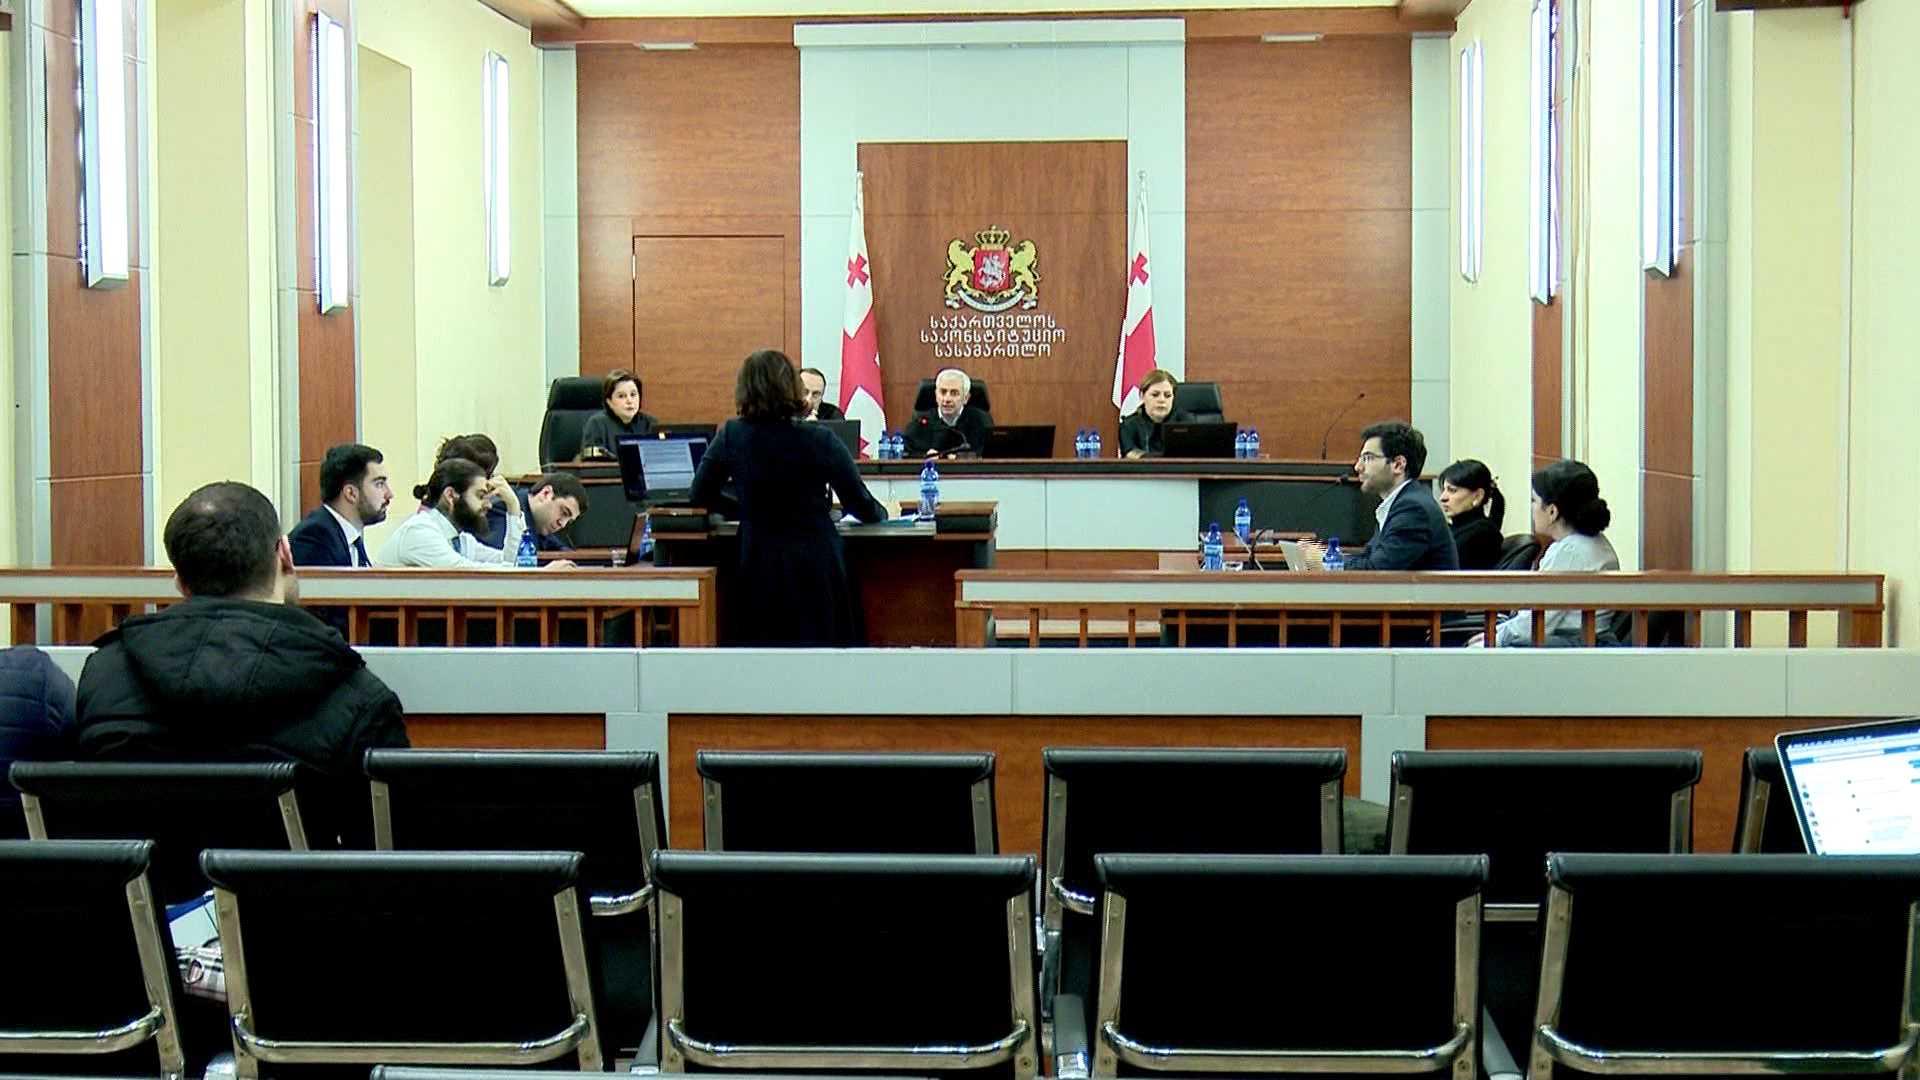 გაუთქმელობის ვალდებულების ნორმის შეცვლა – განხილვა საკონსტიტუციო სასამართლოში